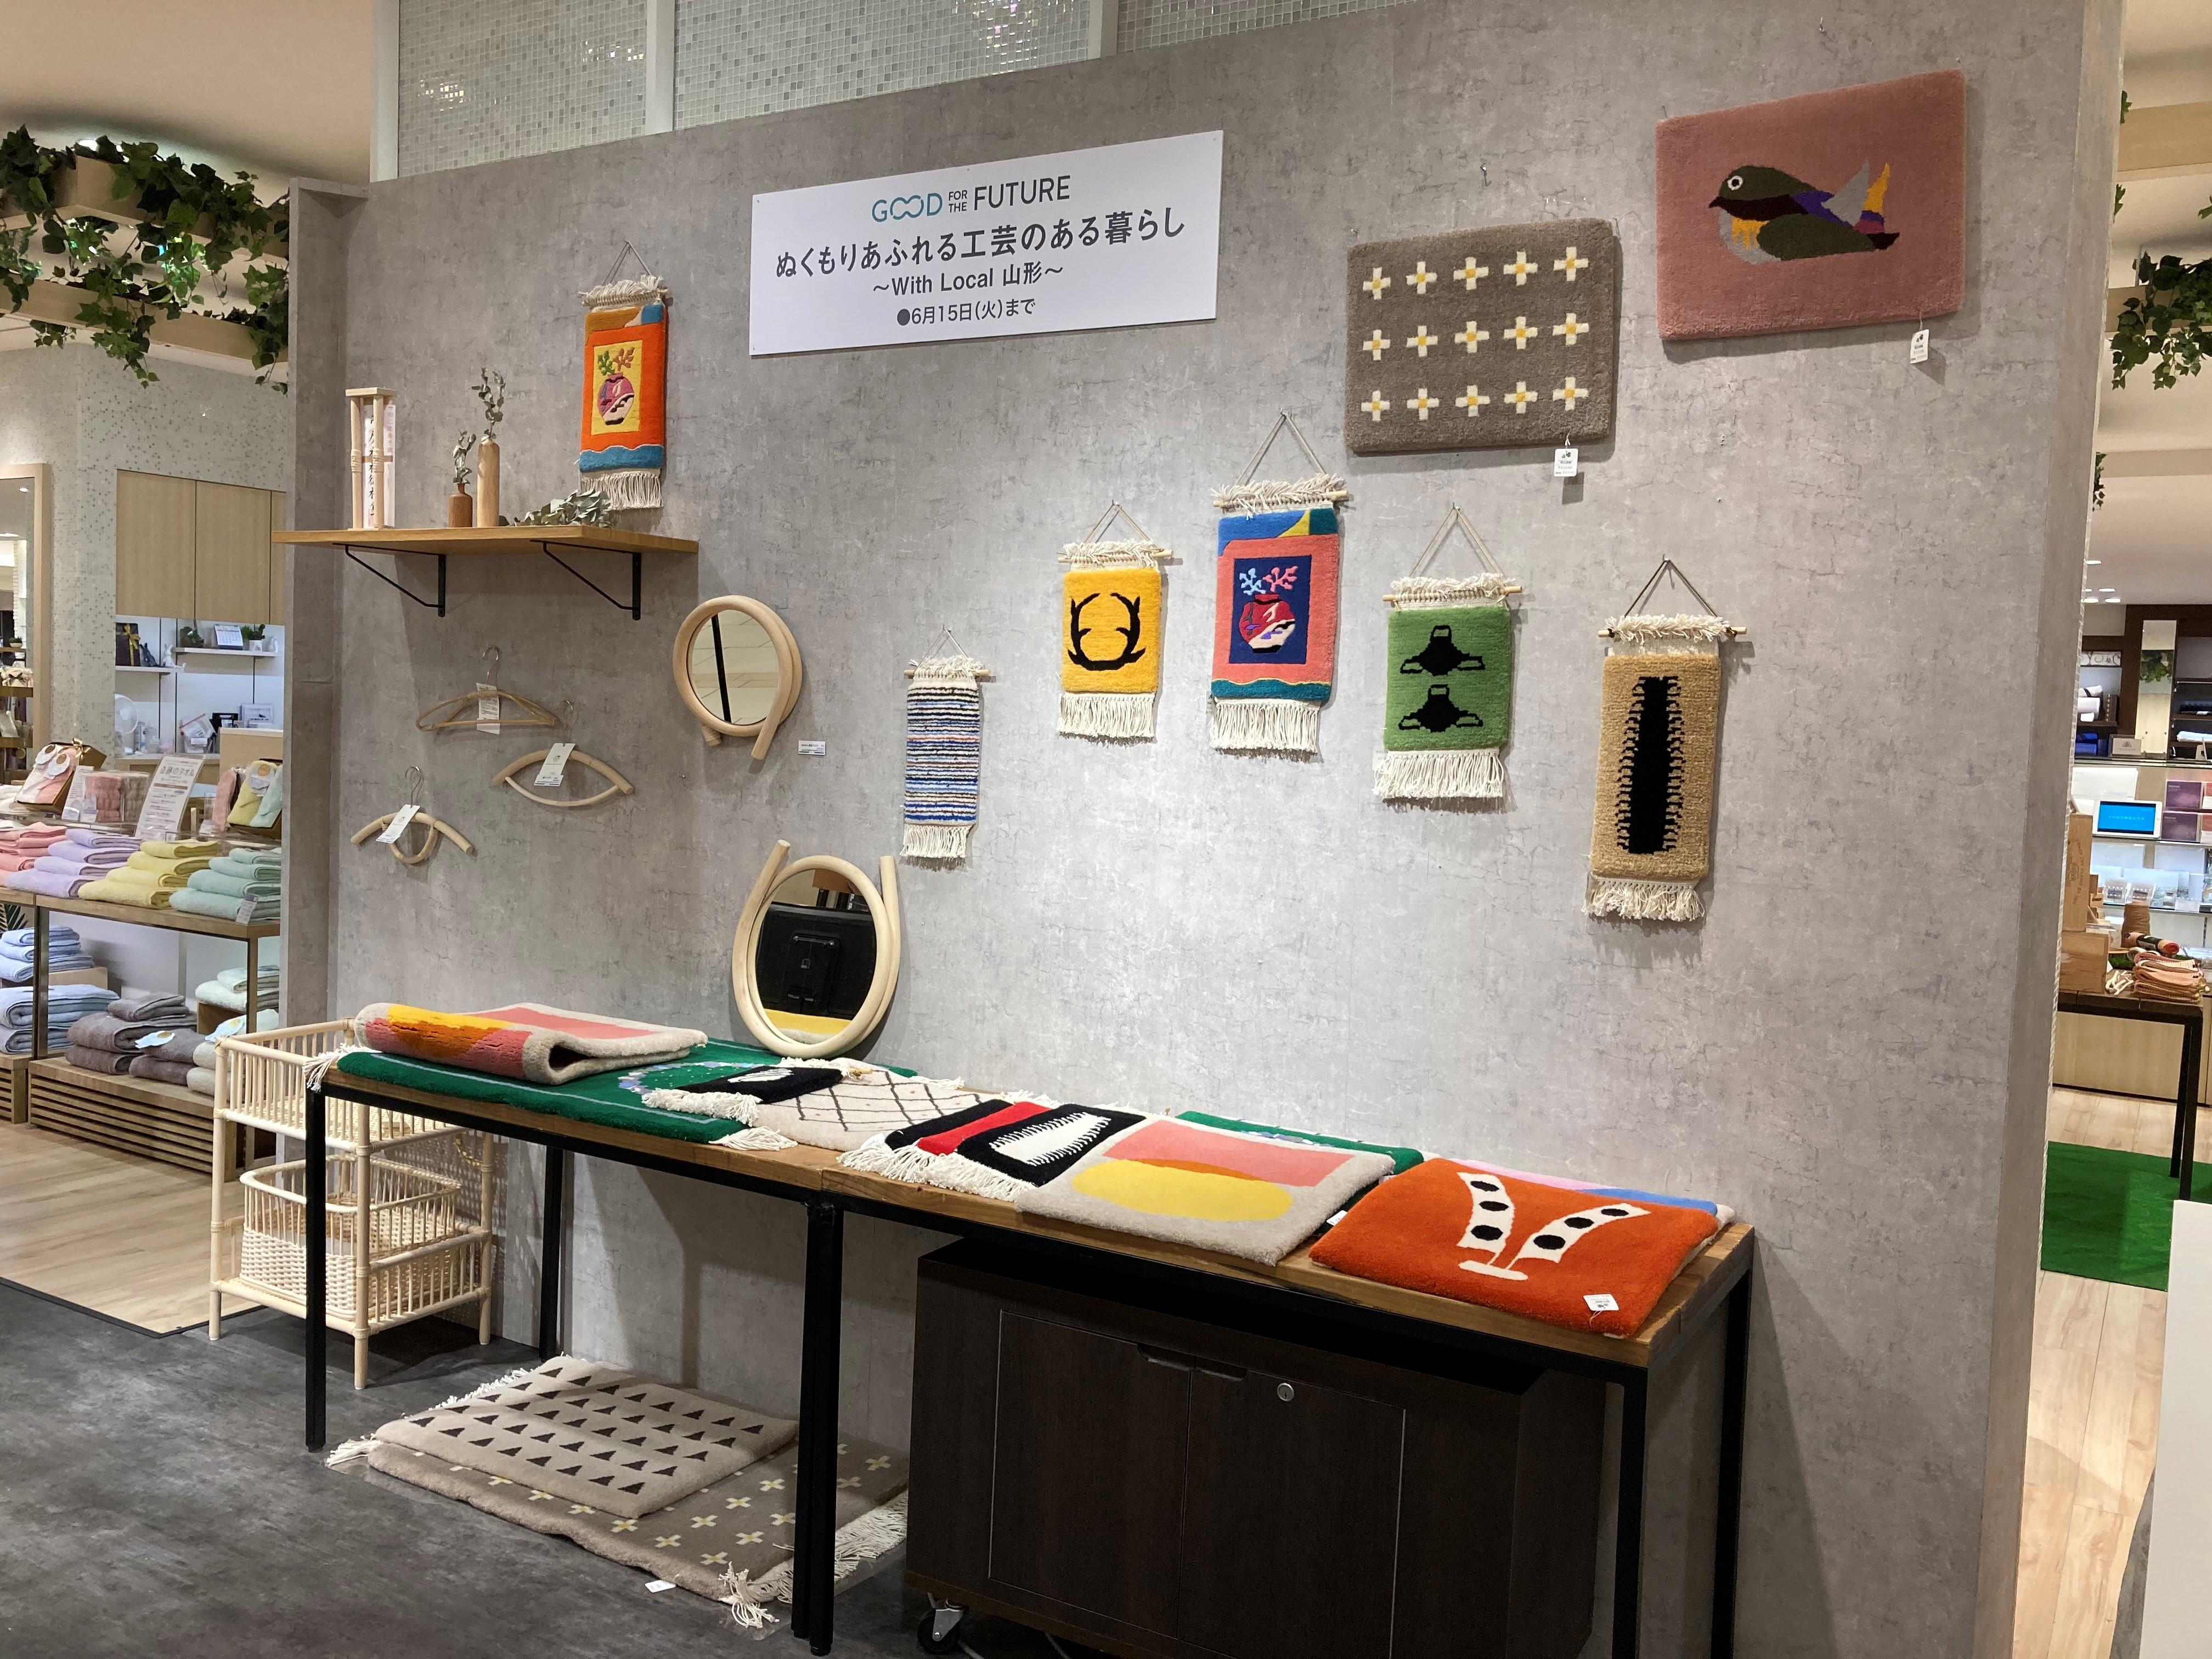 阪急うめだ本店「ぬくもりあふれる工芸のある暮らし With Local 山形」に出店しています。